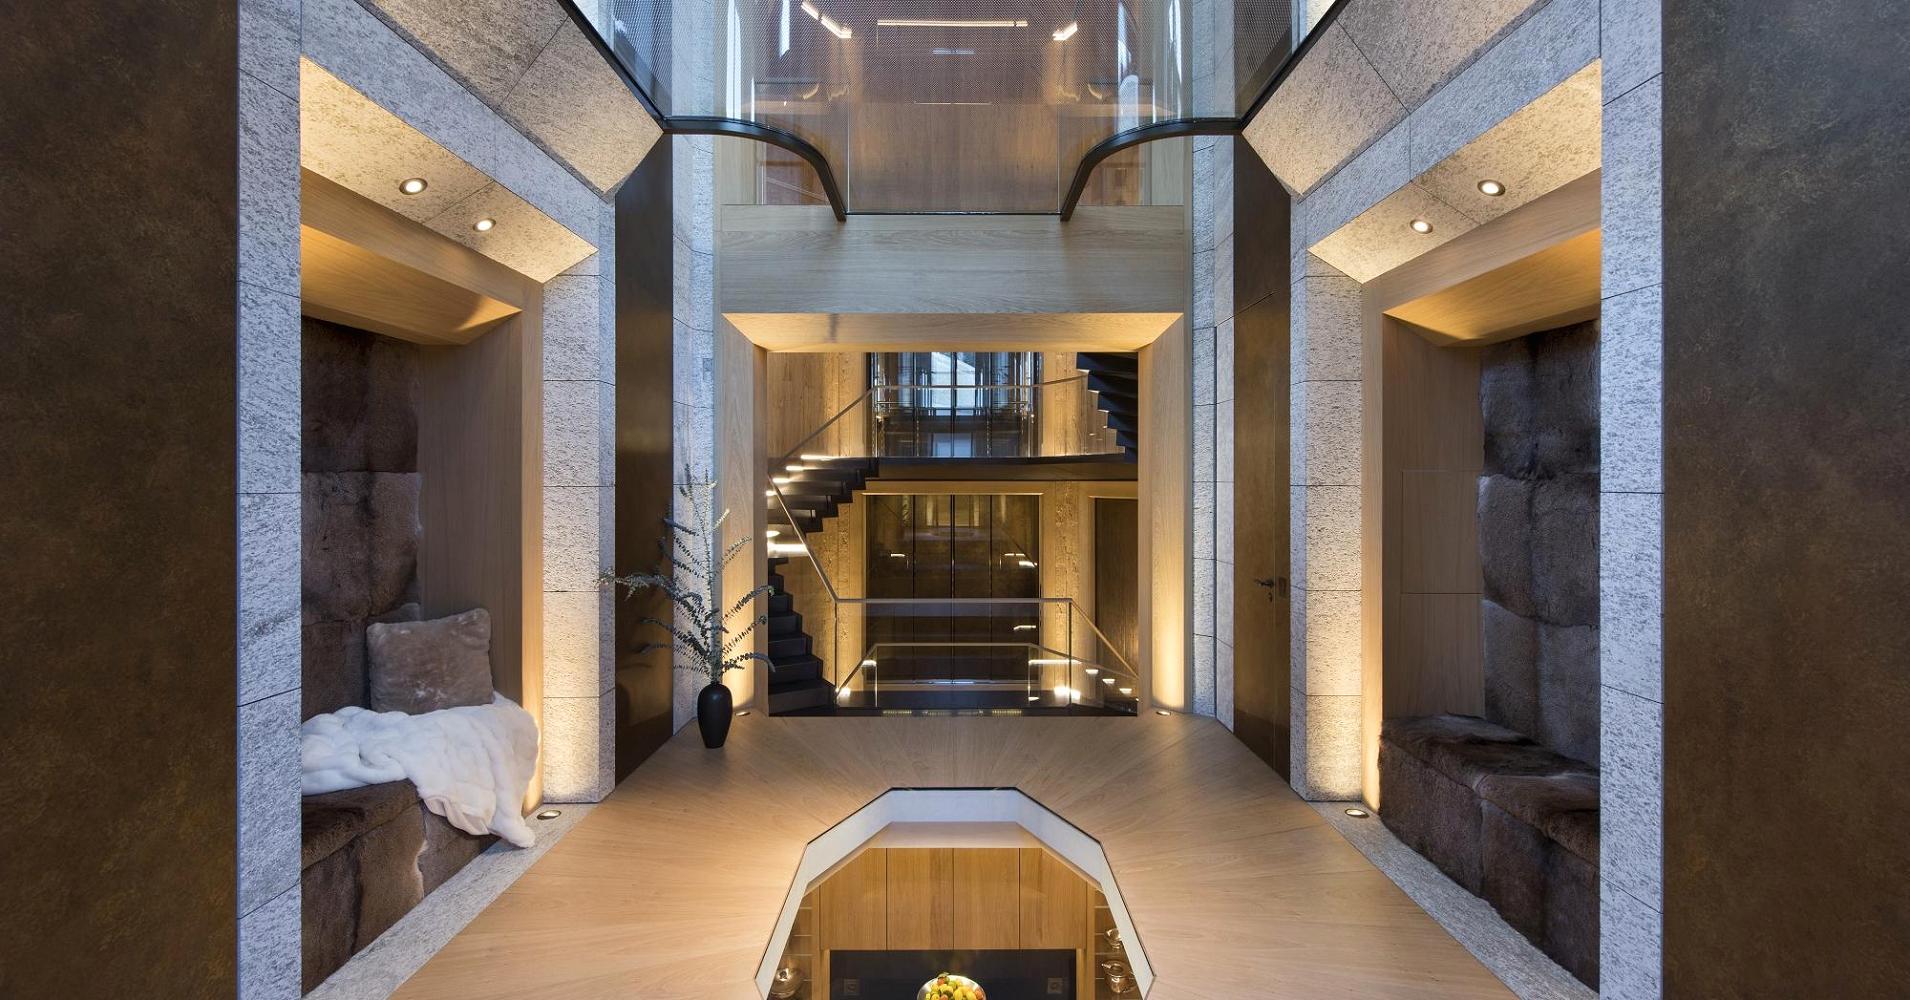 La lussuosa villa situata a St. Moritz in vendita a 155 milioni di euro / 20 Minuten